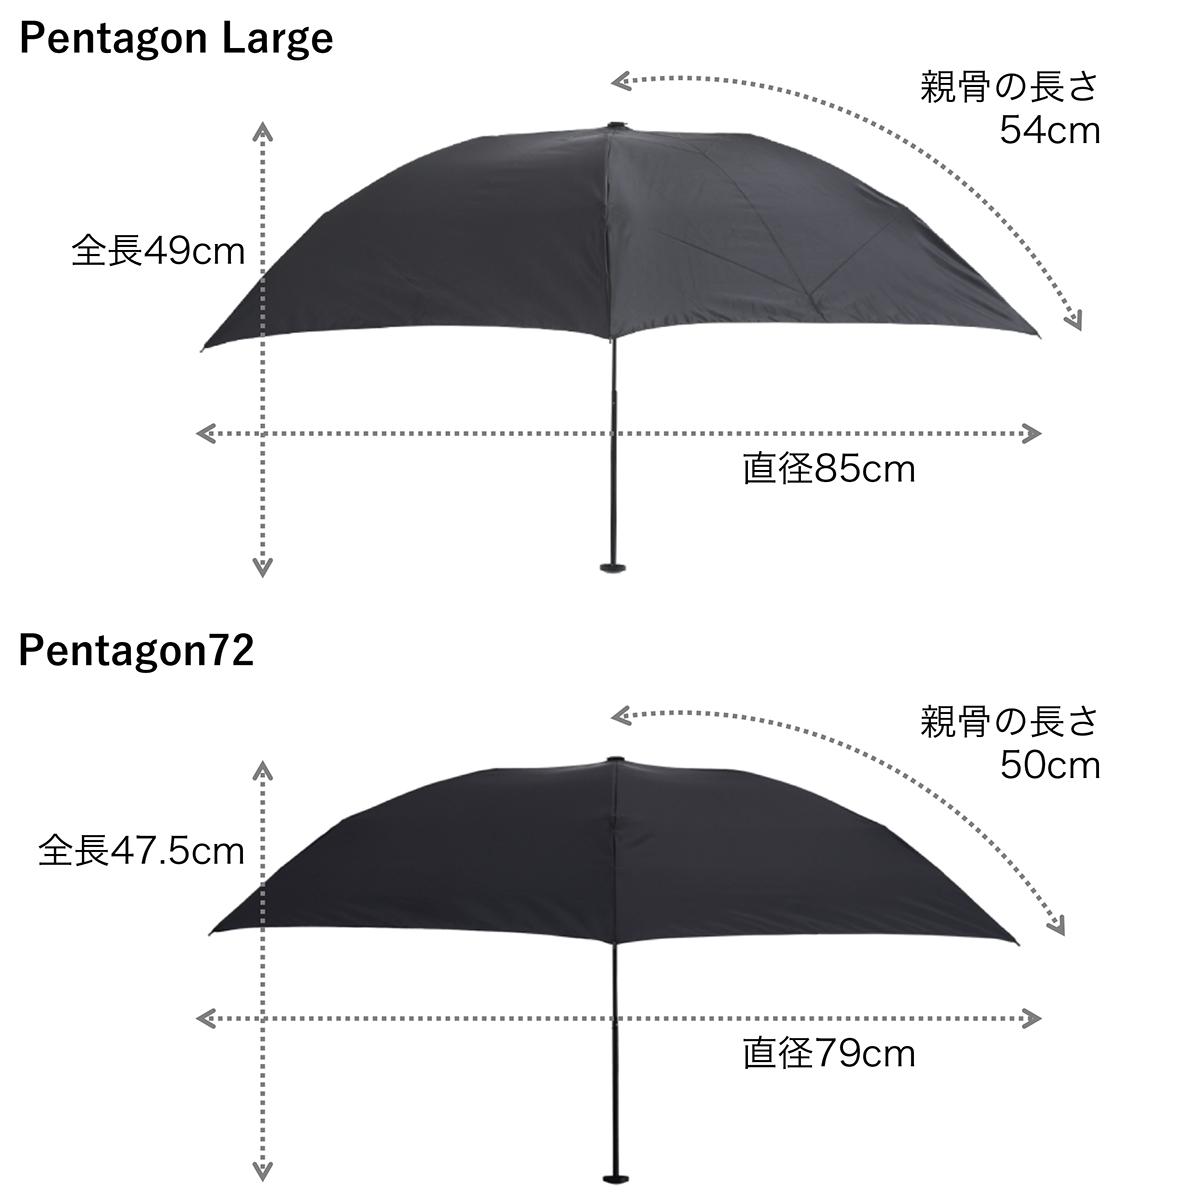 サイズ比較|水はじきバツグン、極細なのに耐風構造の「世界最軽量級折りたたみ傘」|Pentagon72